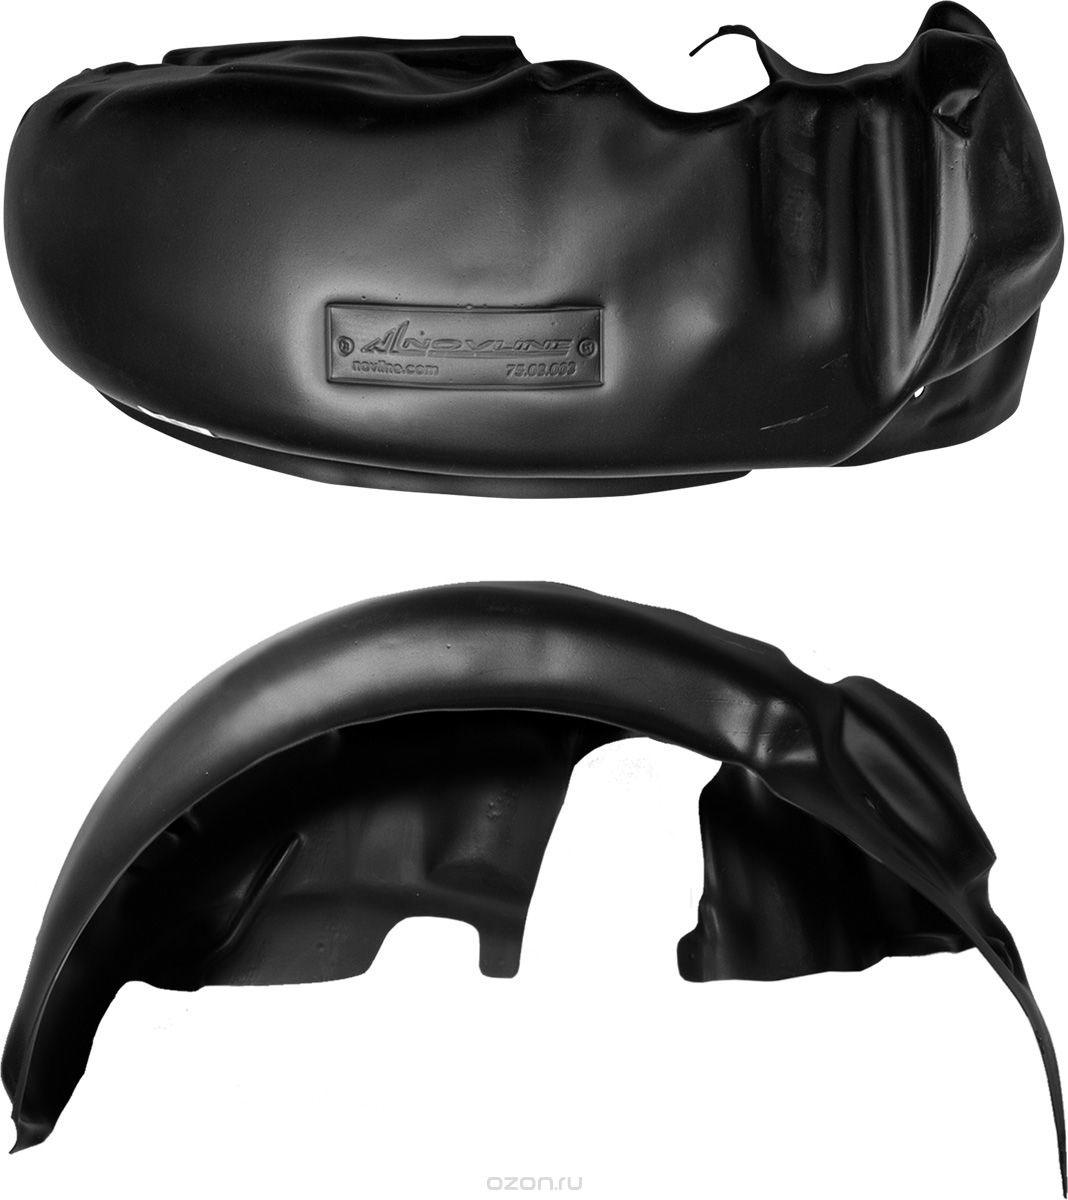 Подкрылок Novline-Autofamily, для FAW Besturn B50, 2012->, передний левый234100Идеальная защита колесной ниши. Локеры разработаны с применением цифровых технологий, гарантируют максимальную повторяемость поверхности арки. Изделия устанавливаются без нарушения лакокрасочного покрытия автомобиля, каждый подкрылок комплектуется крепежом. Уважаемые клиенты, обращаем ваше внимание, что фотографии на подкрылки универсальные и не отражают реальную форму изделия. При этом само изделие идет точно под размер указанного автомобиля.